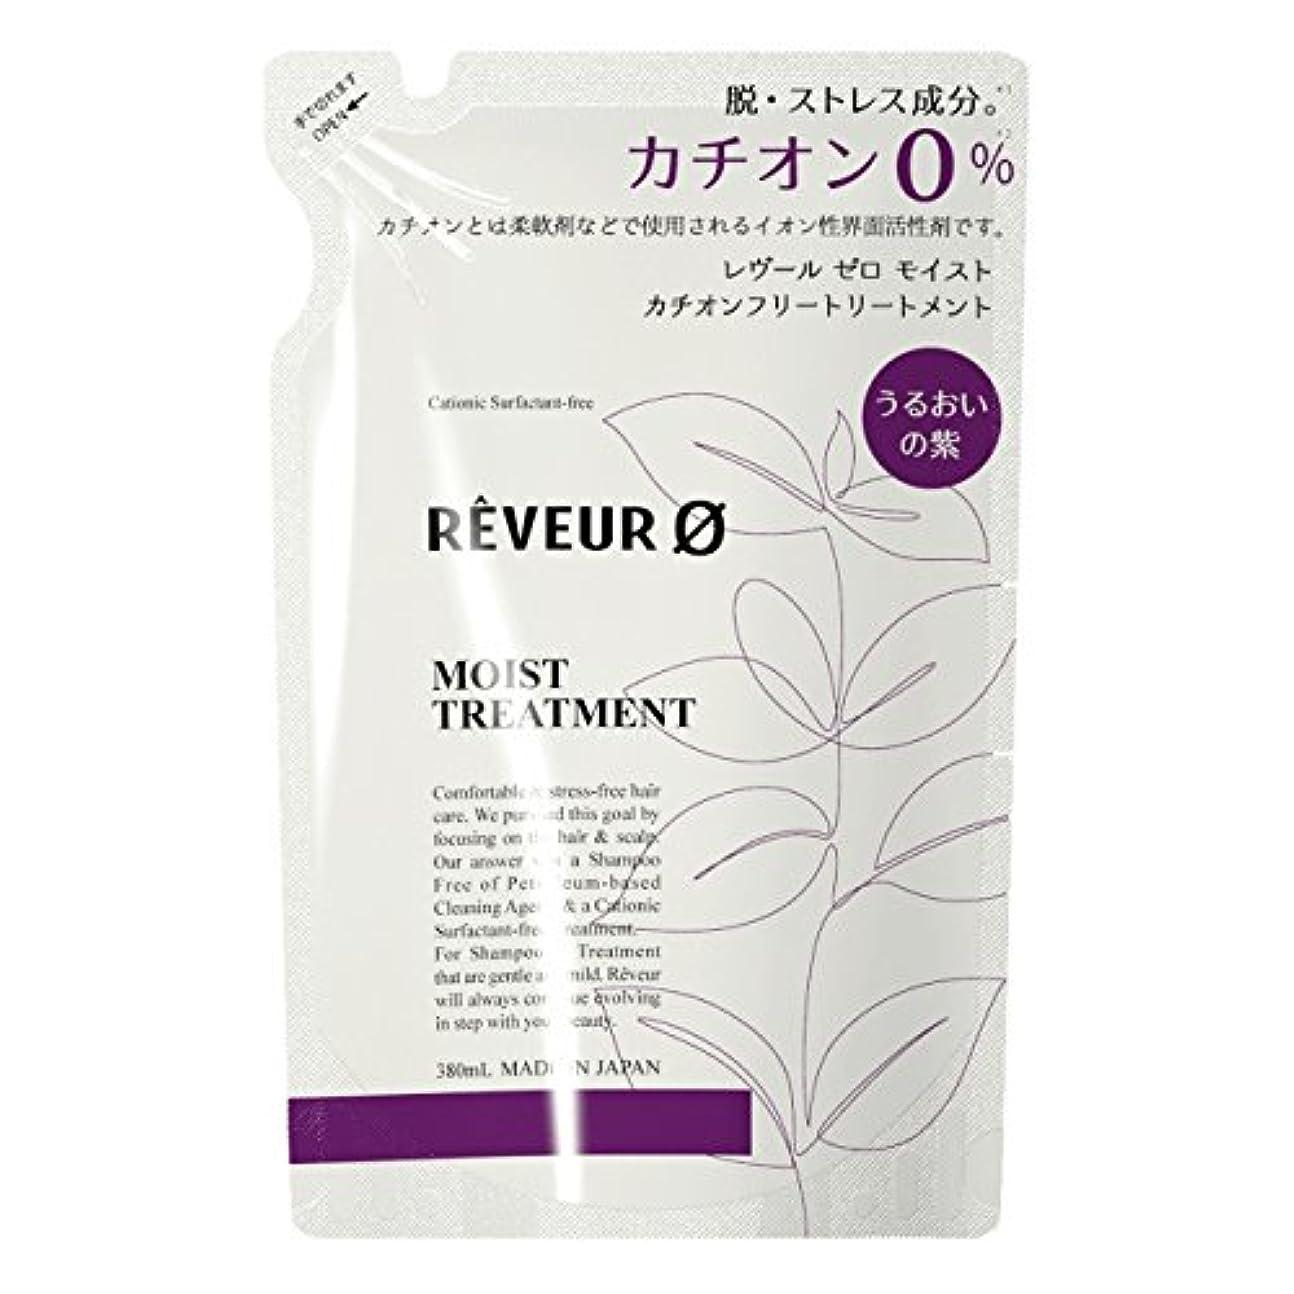 Reveur0(レヴール ゼロ) モイスト カチオンフリー トリートメント 〈詰替〉 (380mL)